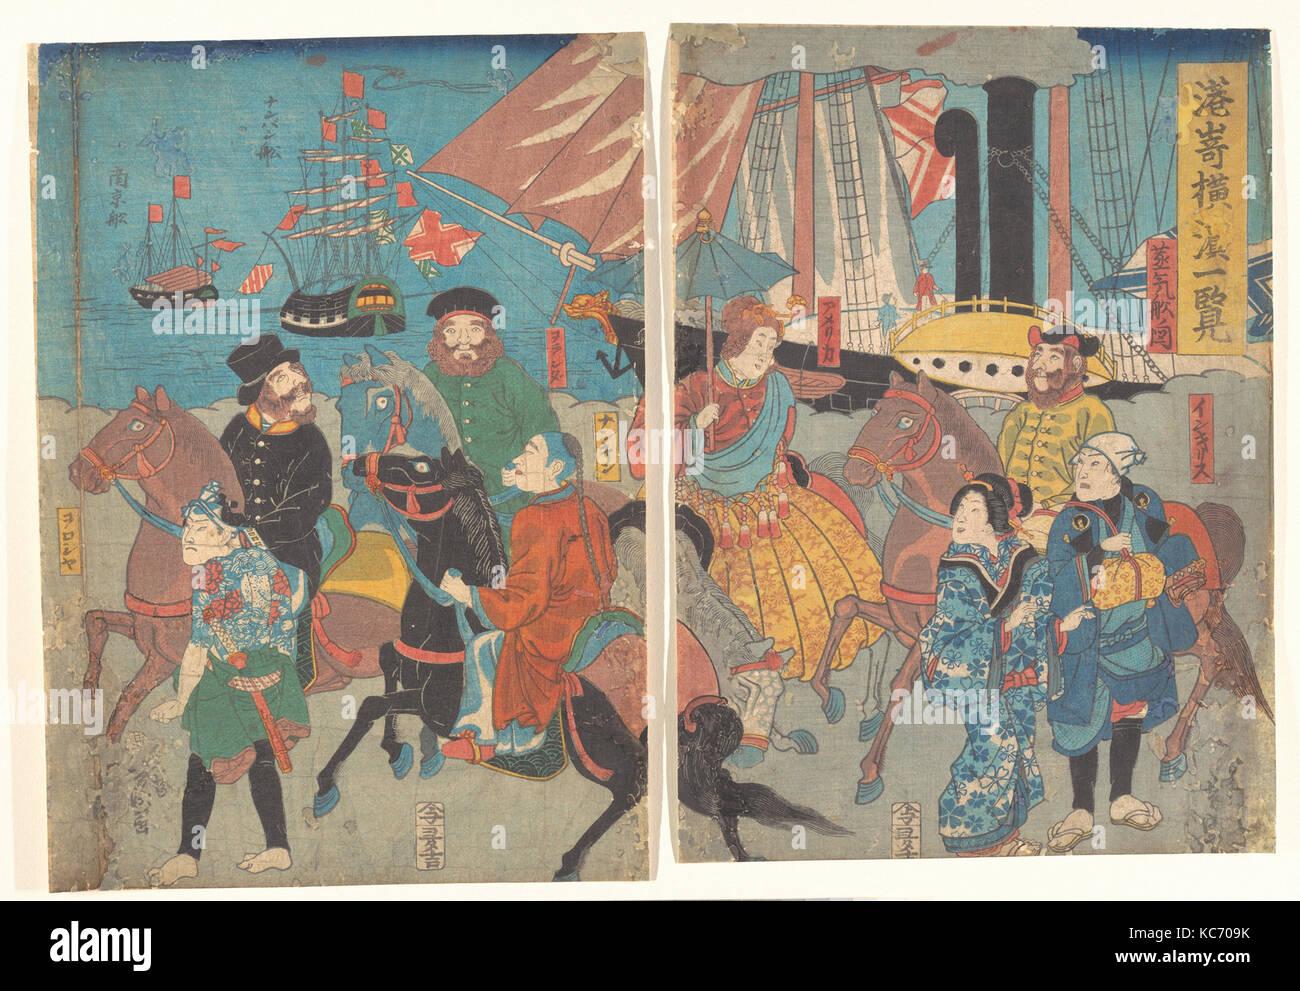 港崎横浜一覧, A Glance at Miyosaki, Yokohama, Utagawa Yoshimori, ca. 1860 - Stock Image